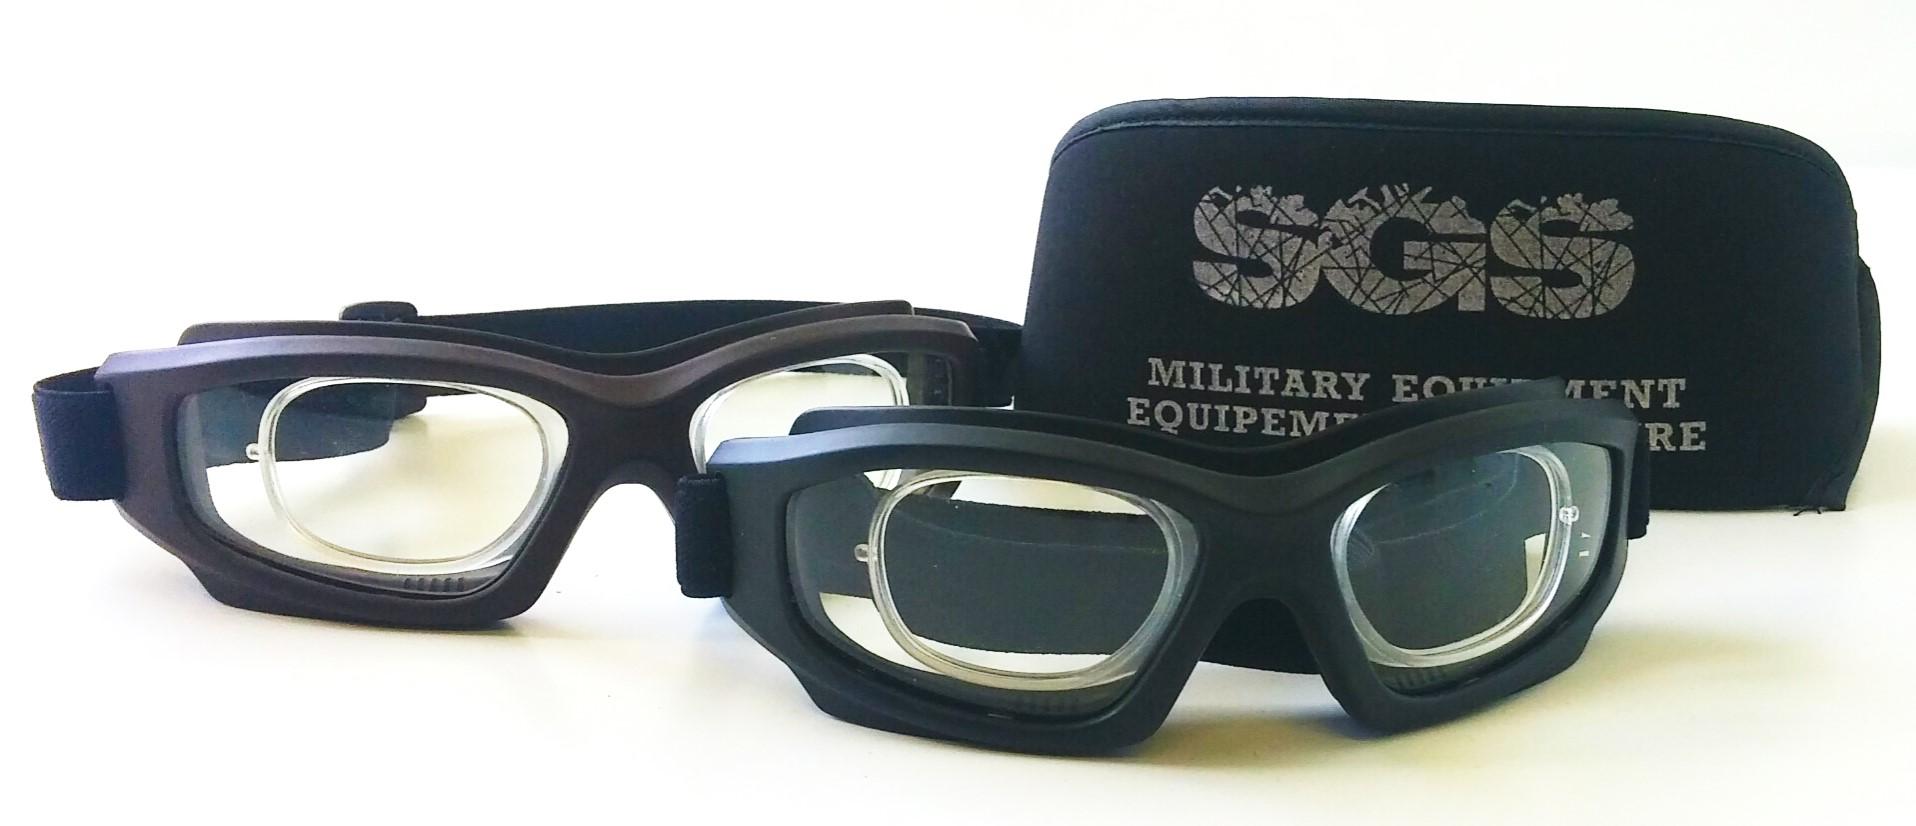 Lunettes de protection militaires